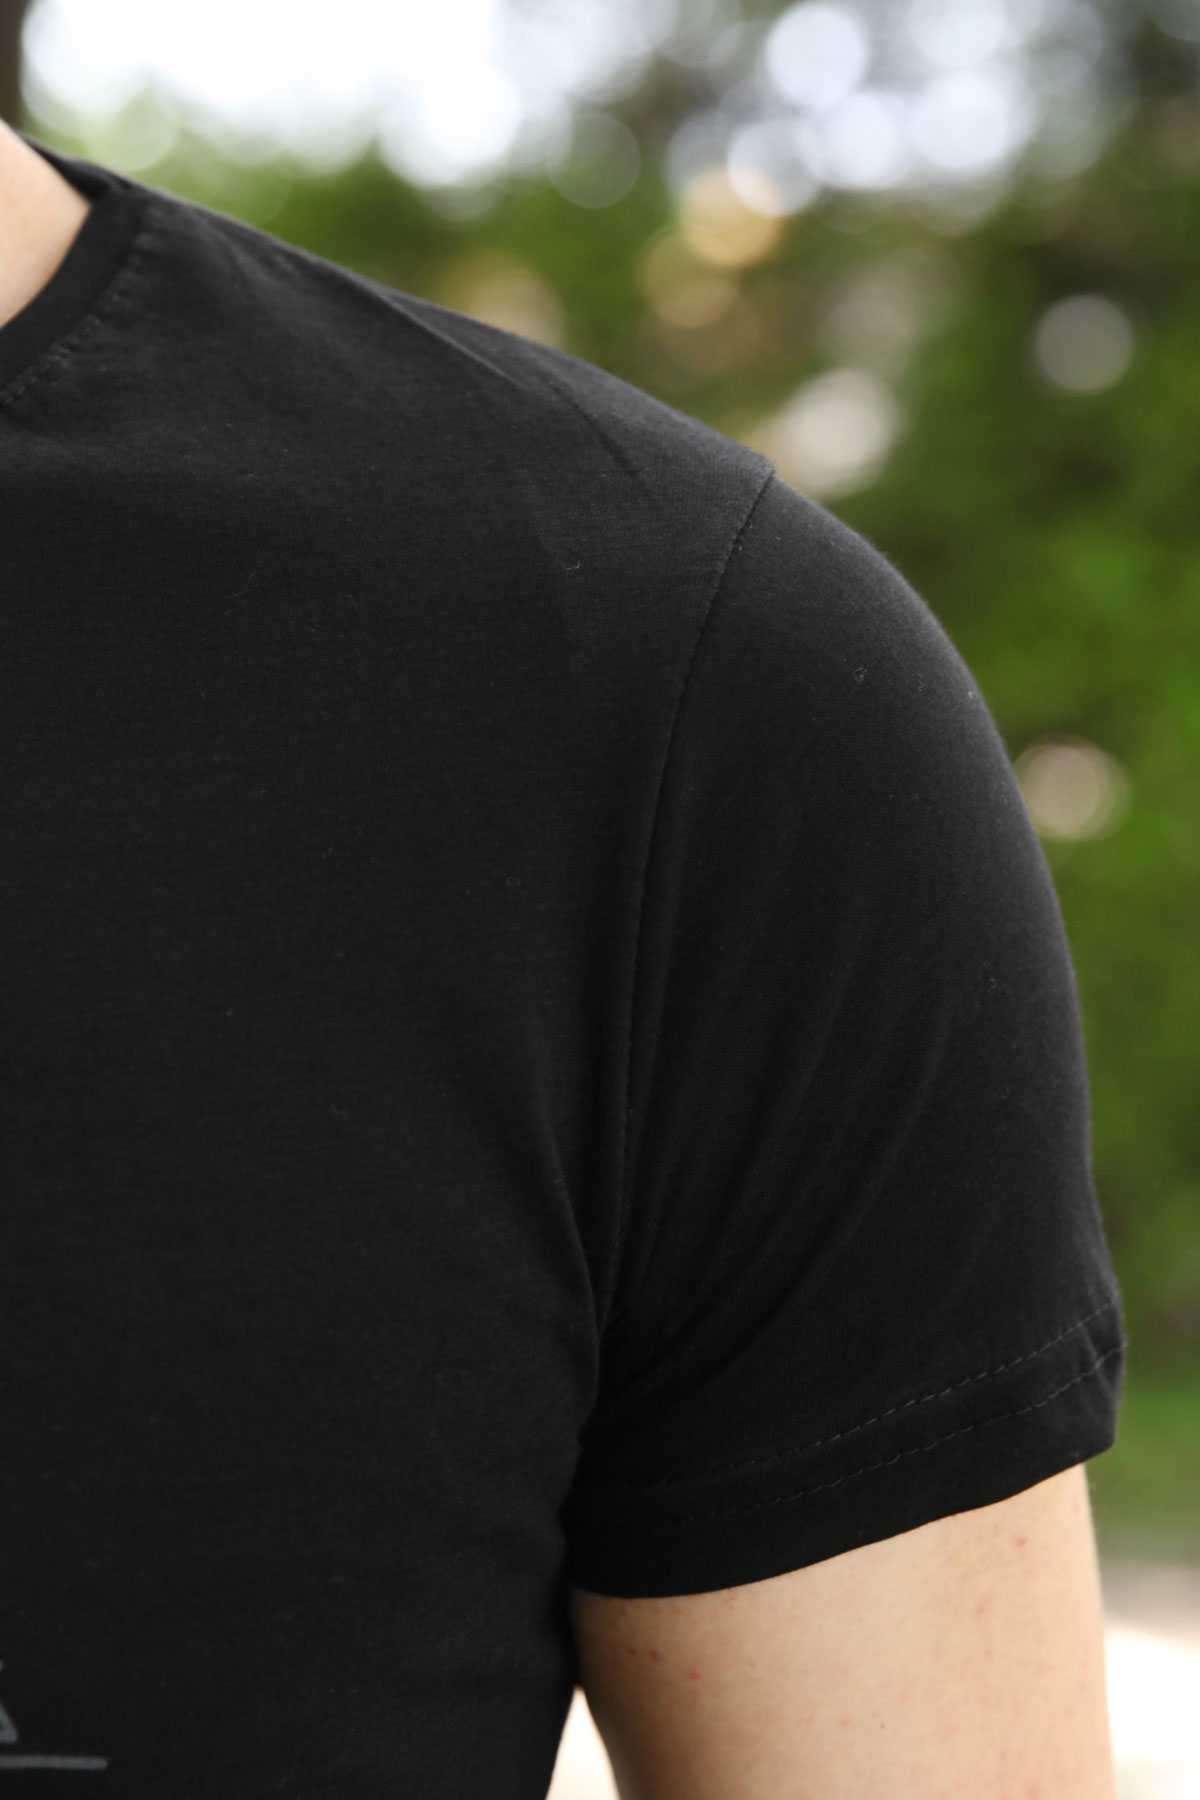 Önü Karmaşık Desenli Sıfır Yaka Slim Fit Tişört Siyah